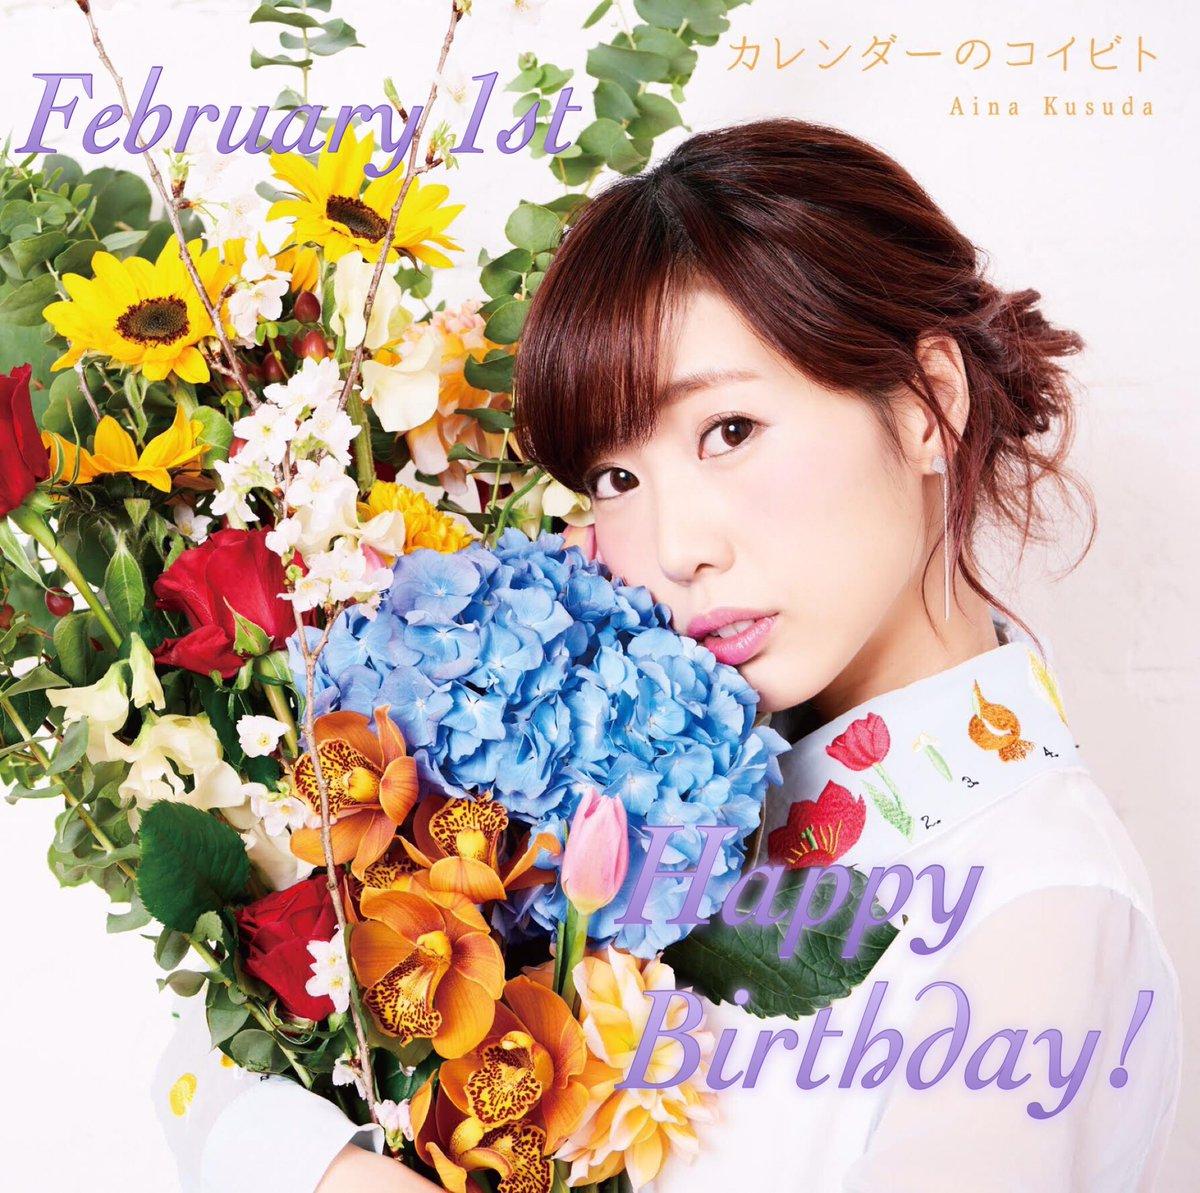 【2月1日(2)】 そして、本日2月1日は、東條希役の楠田亜衣奈さんのお誕生日です⚽️🌽🕺🌙  おめ…